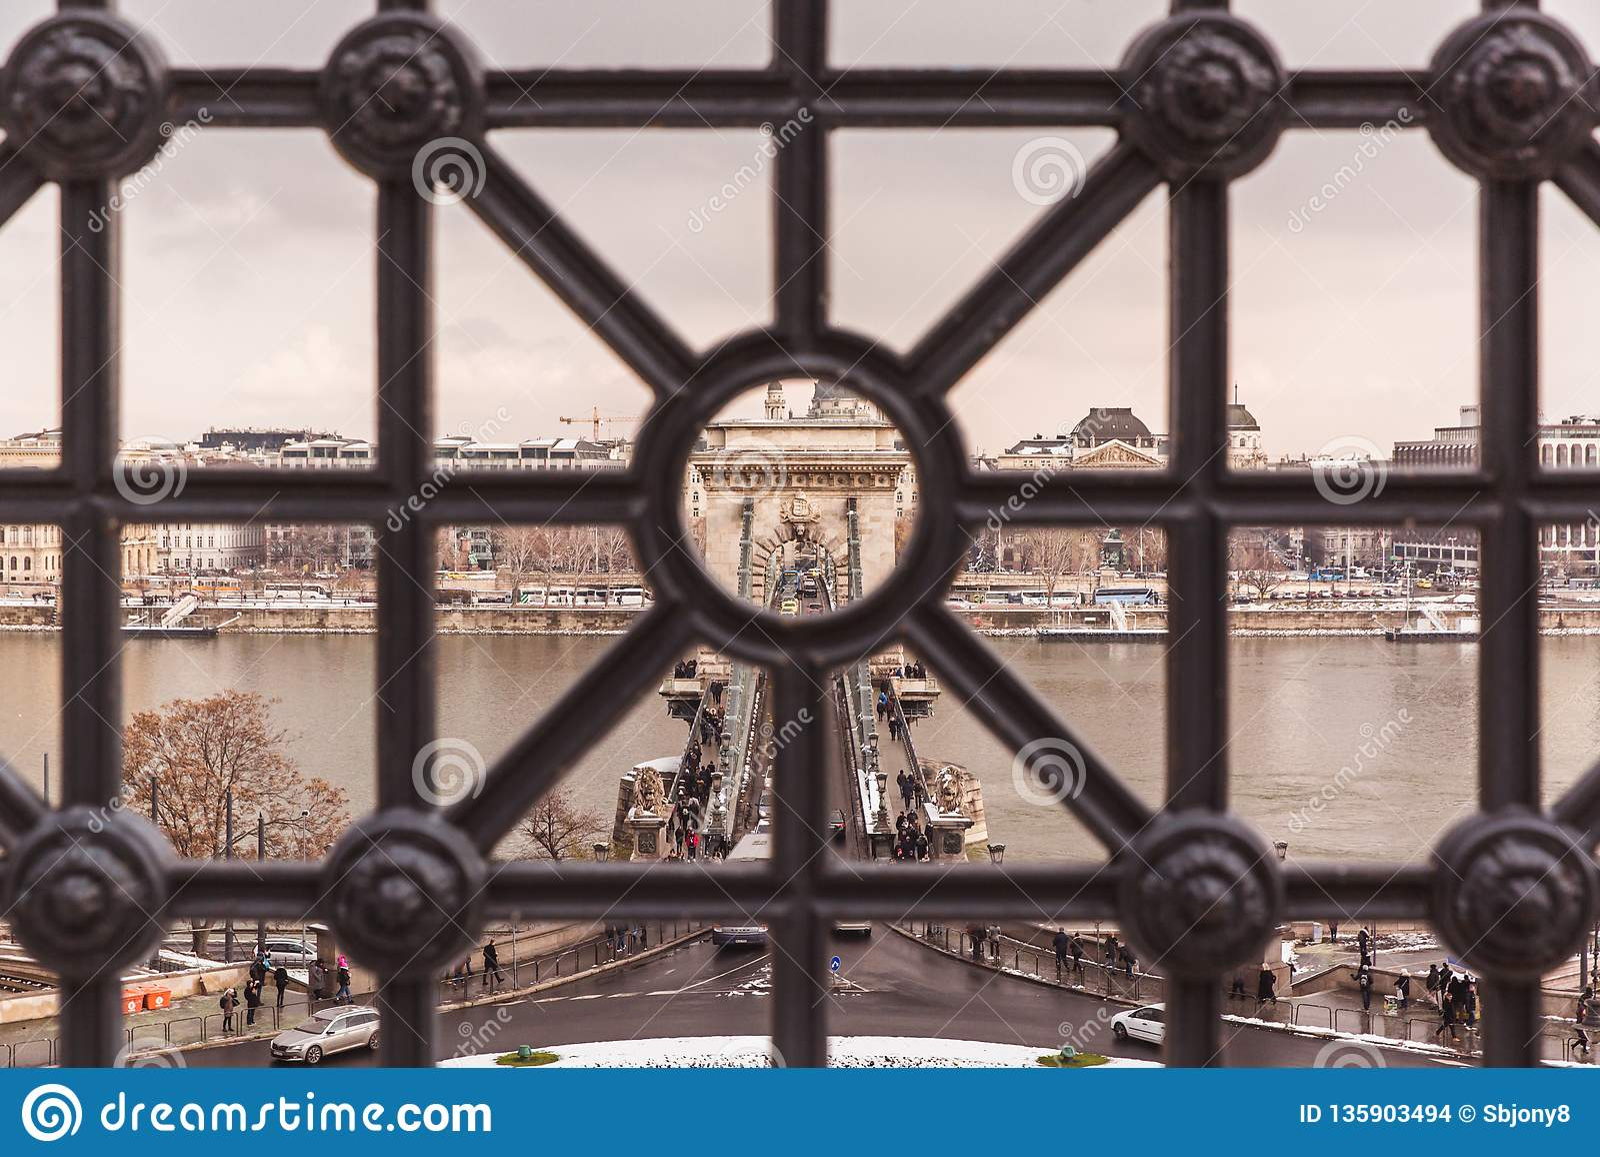 ΒΟΥΔΑΠΕΣΤΗ, ΟΥΓΓΑΡΙΑ - 16 ΔΕΚΕΜΒΡΊΟΥ 2018: Τοπ άποψη για να αλυσοδέσει τη γέφυρα το χειμώνα με το χιόνι στη Βουδαπέστη, Ουγγαρία